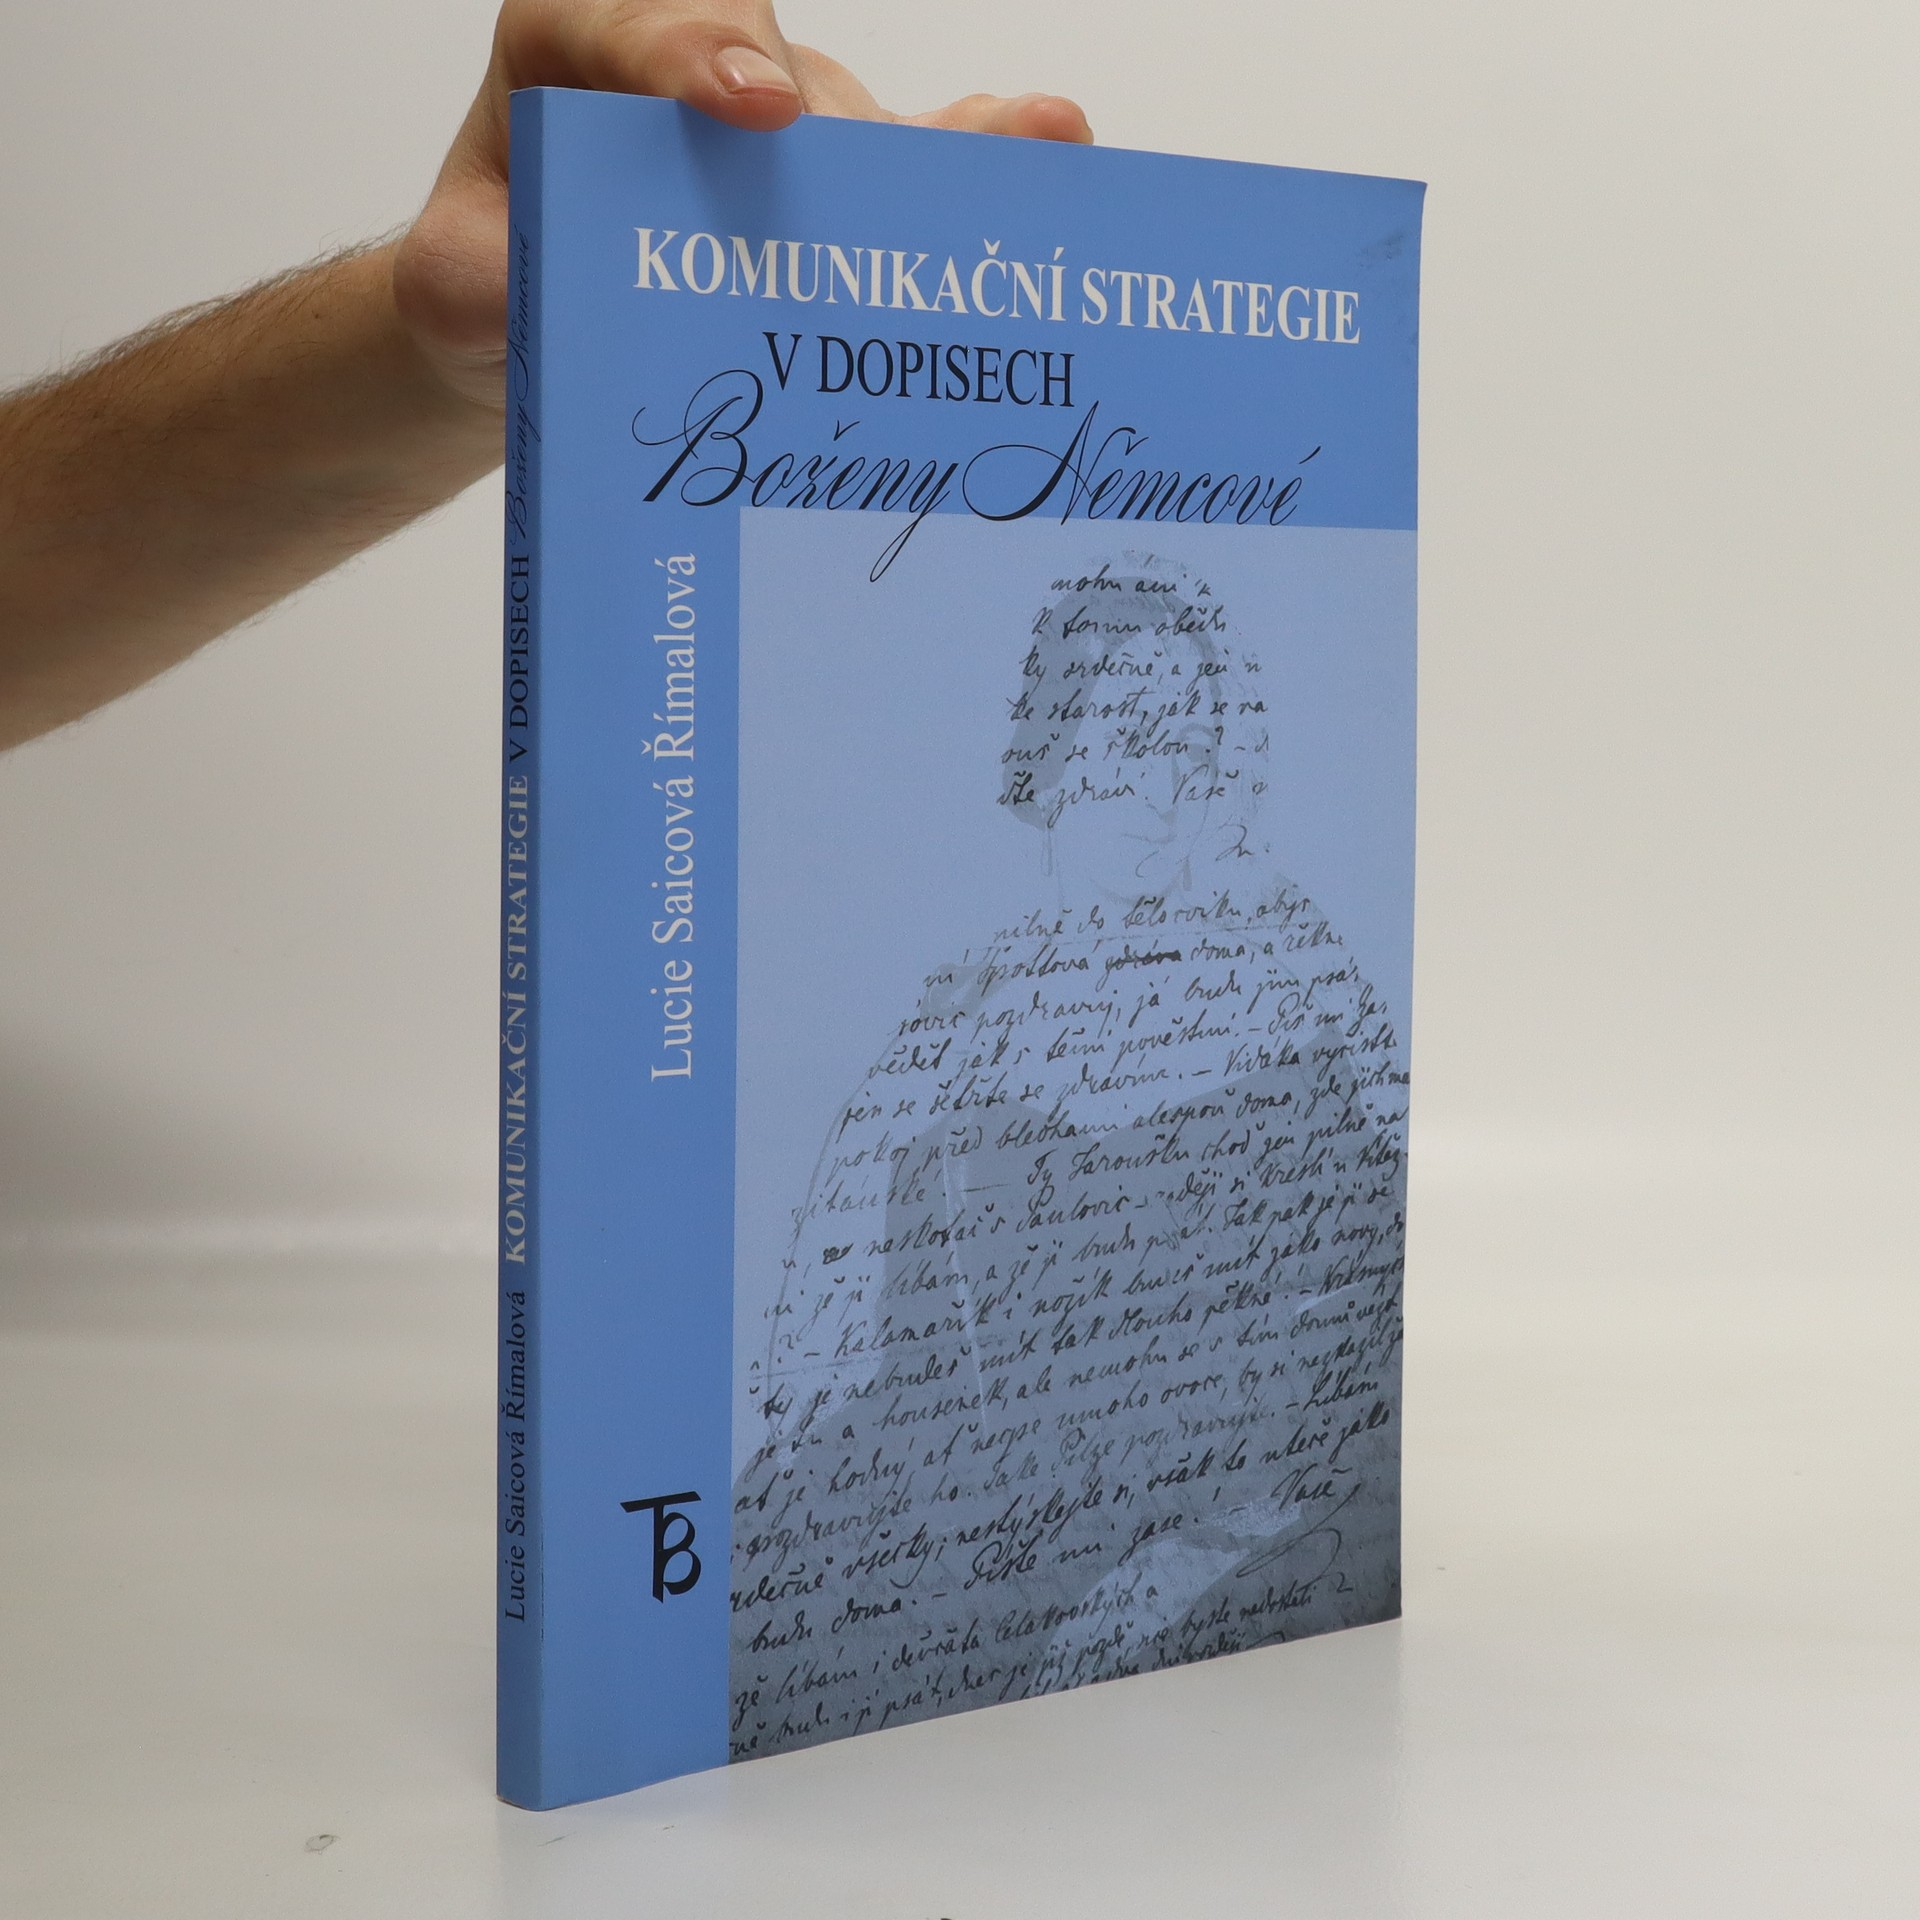 antikvární kniha Komunikační strategie v dopisech Boženy Němcové, 2005